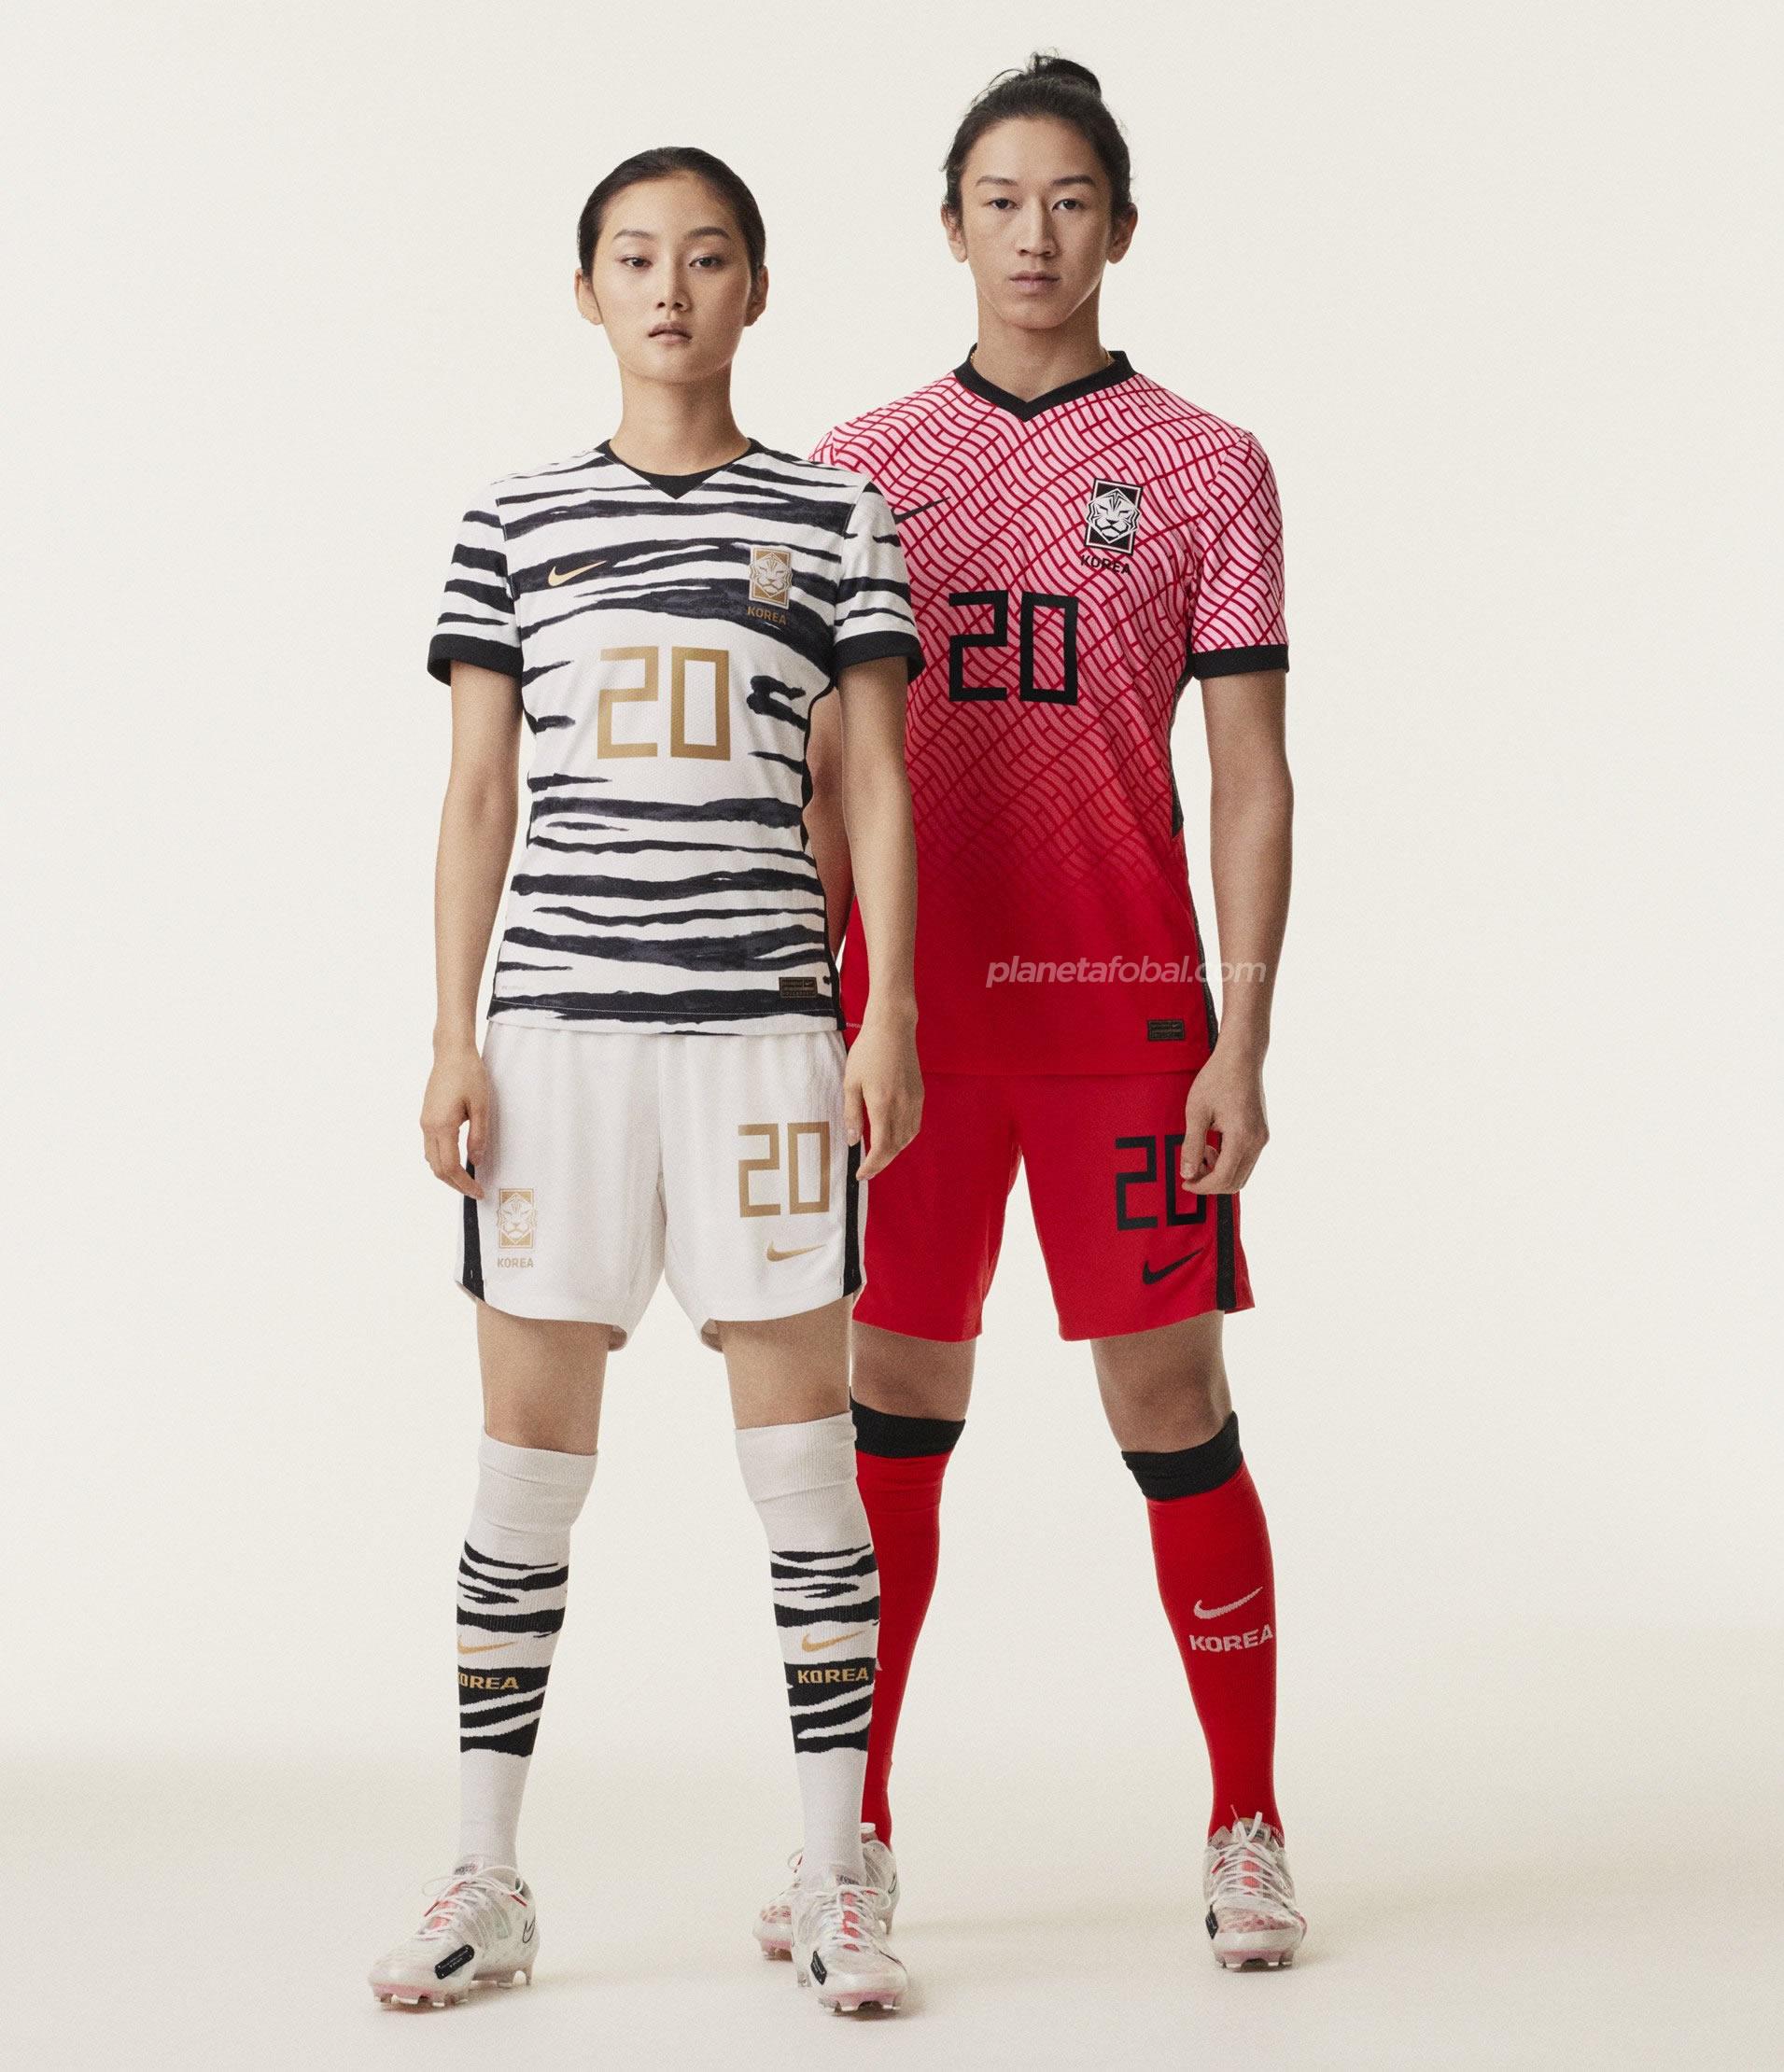 Nuevas camisetas de Corea del Sur 2020/2021 | Imagen Nike